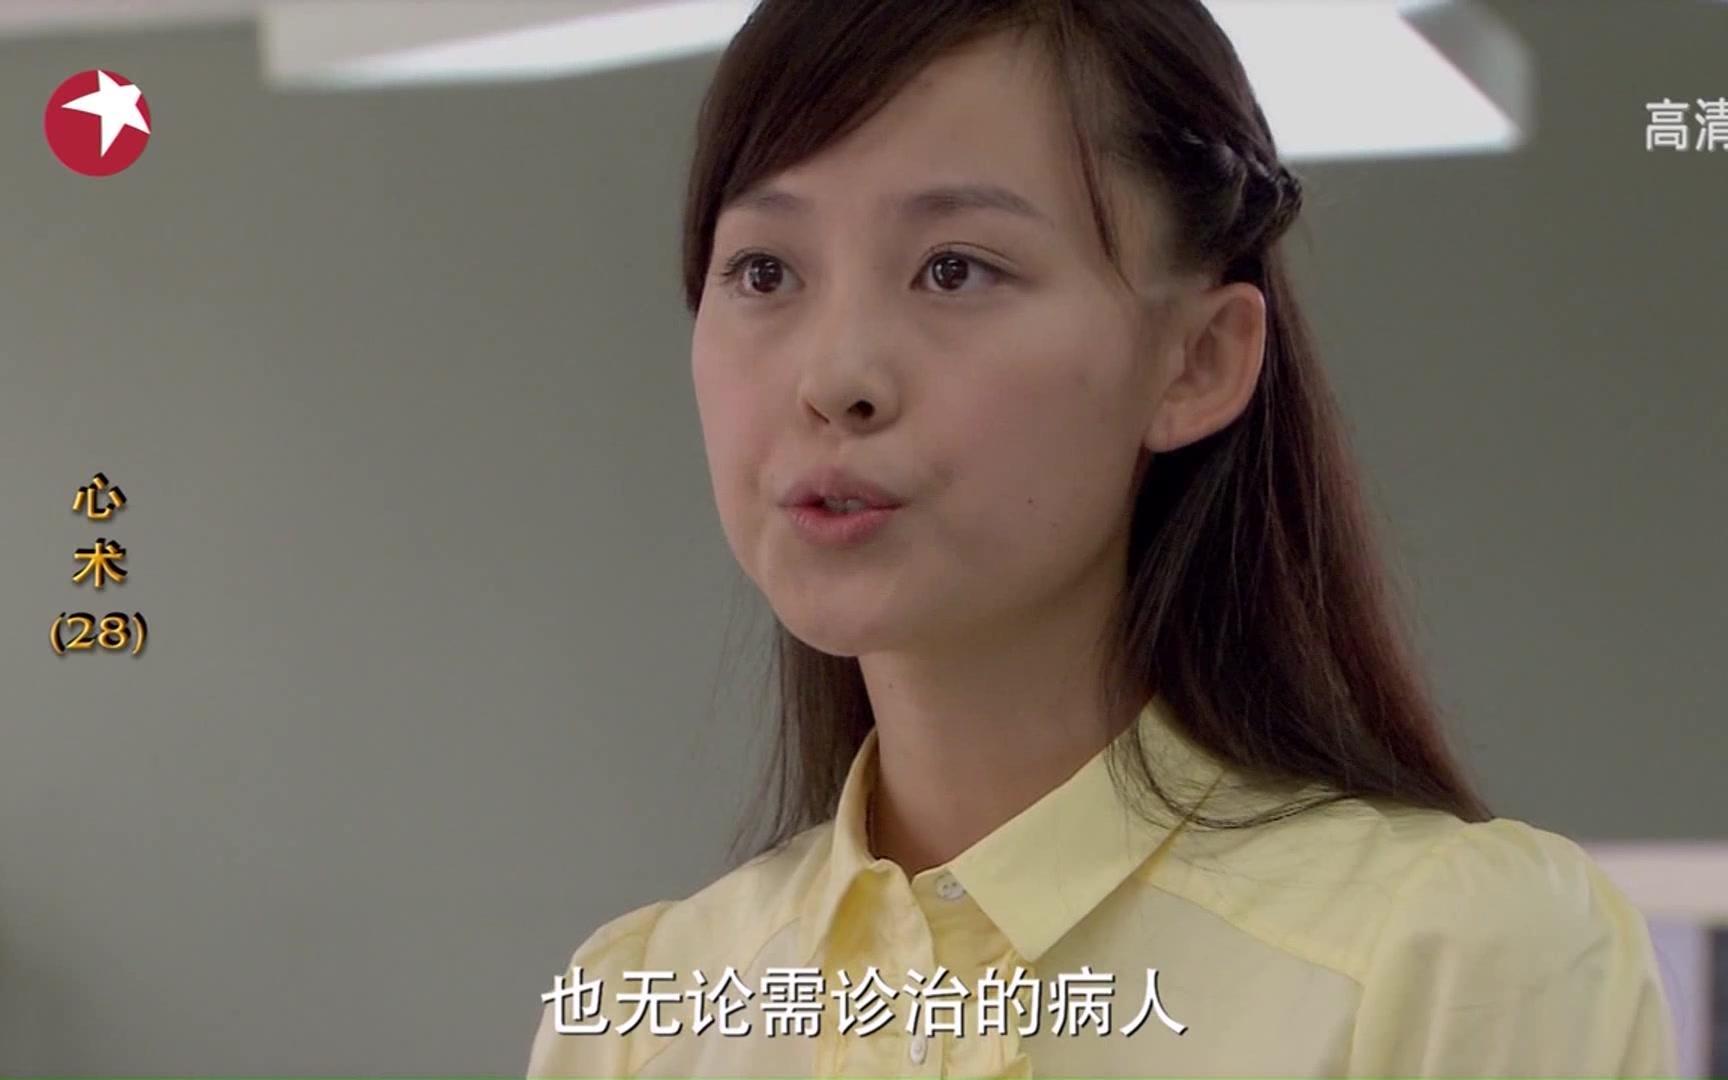 翟天临 郑艾平 心术e28